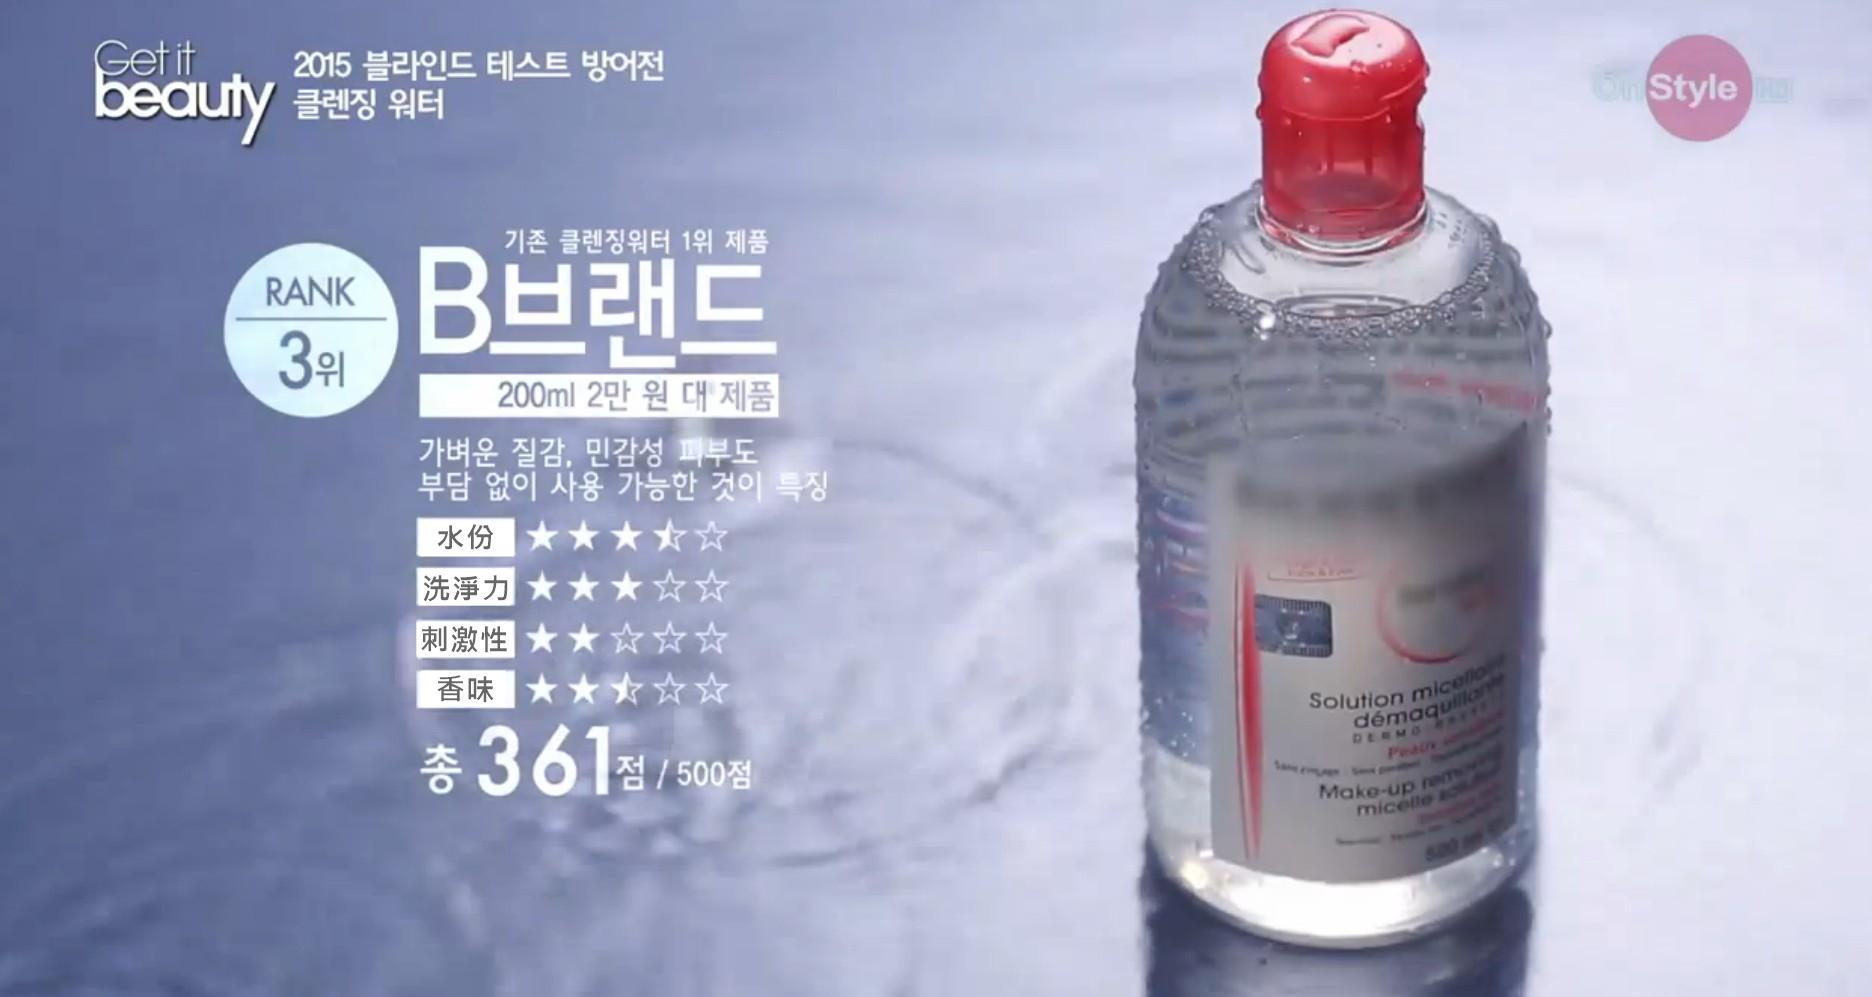 獲得盲測第三名的舒妍高效潔膚液在台灣也是熱賣卸妝品,它一次將卸妝、清潔、保濕等功效合一,同時相當適合敏感肌膚者使用喔!